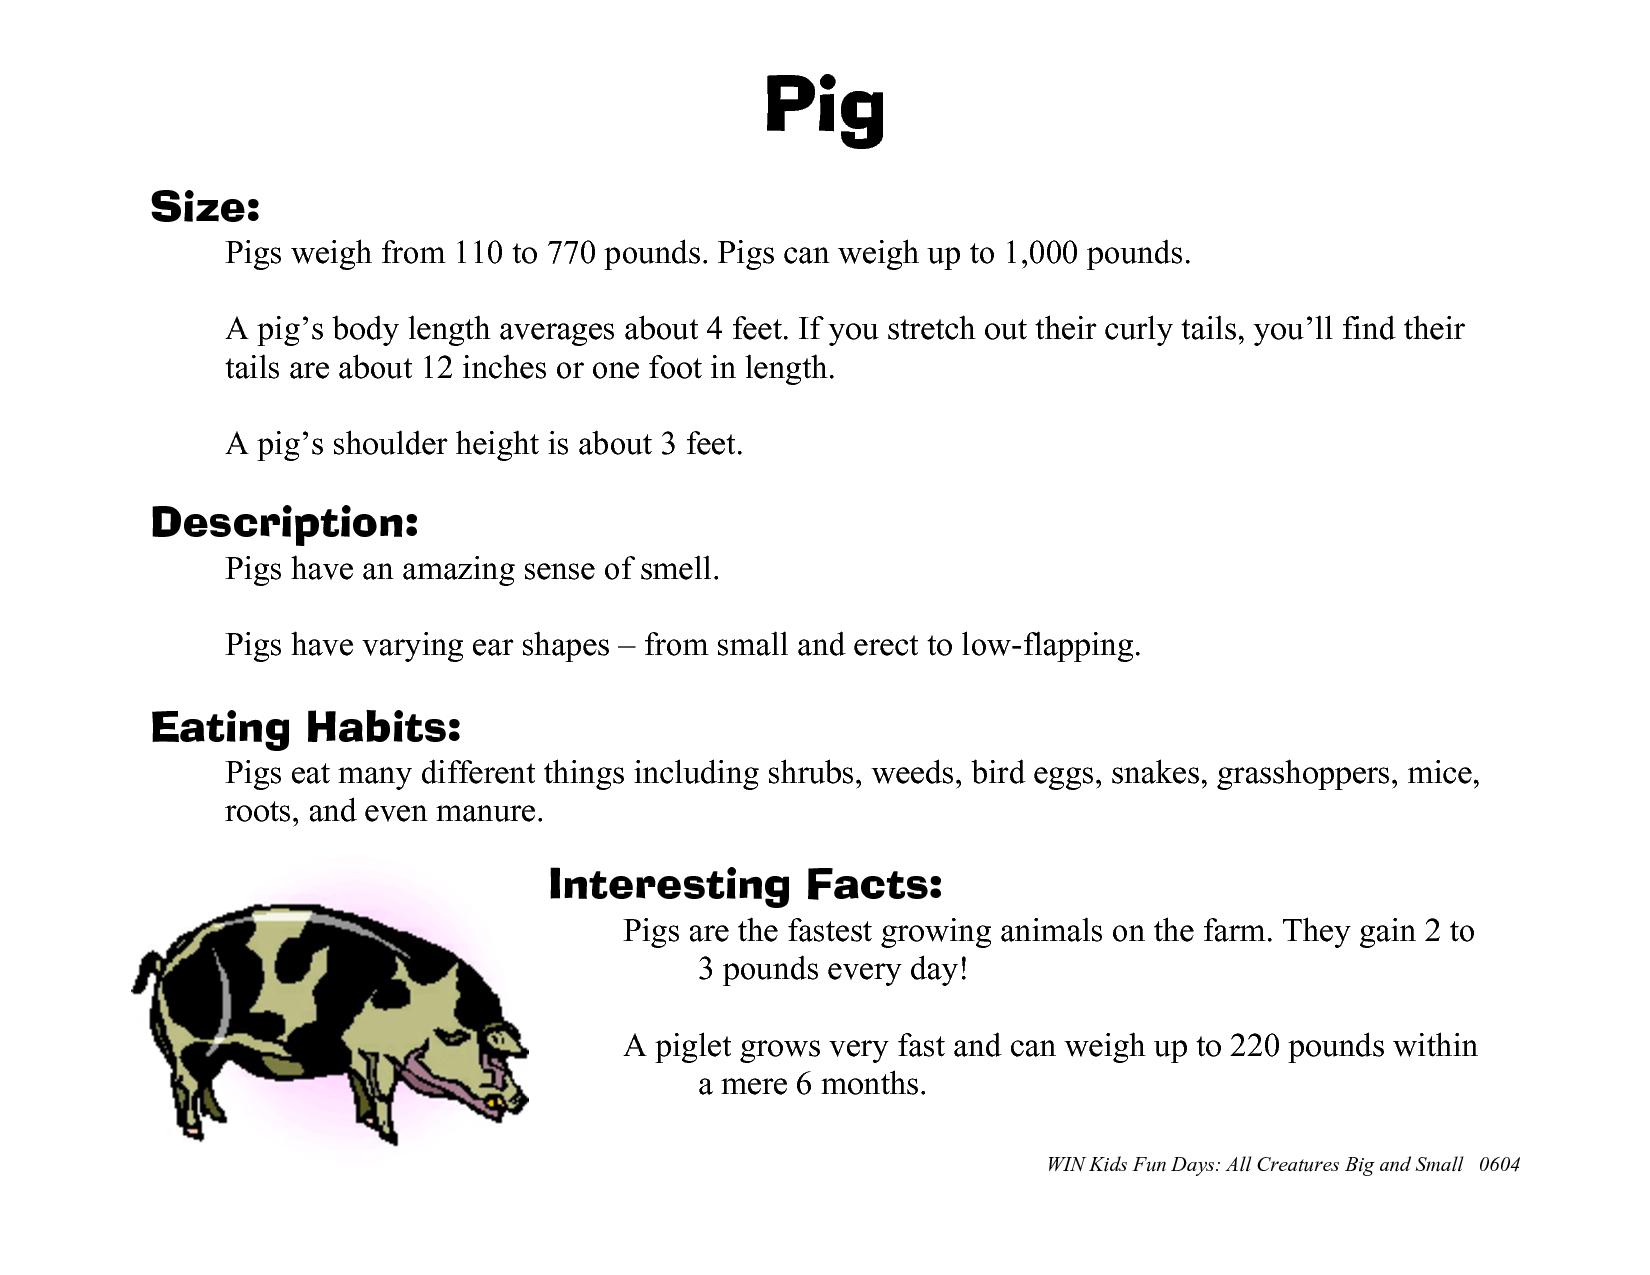 Information on pig farming